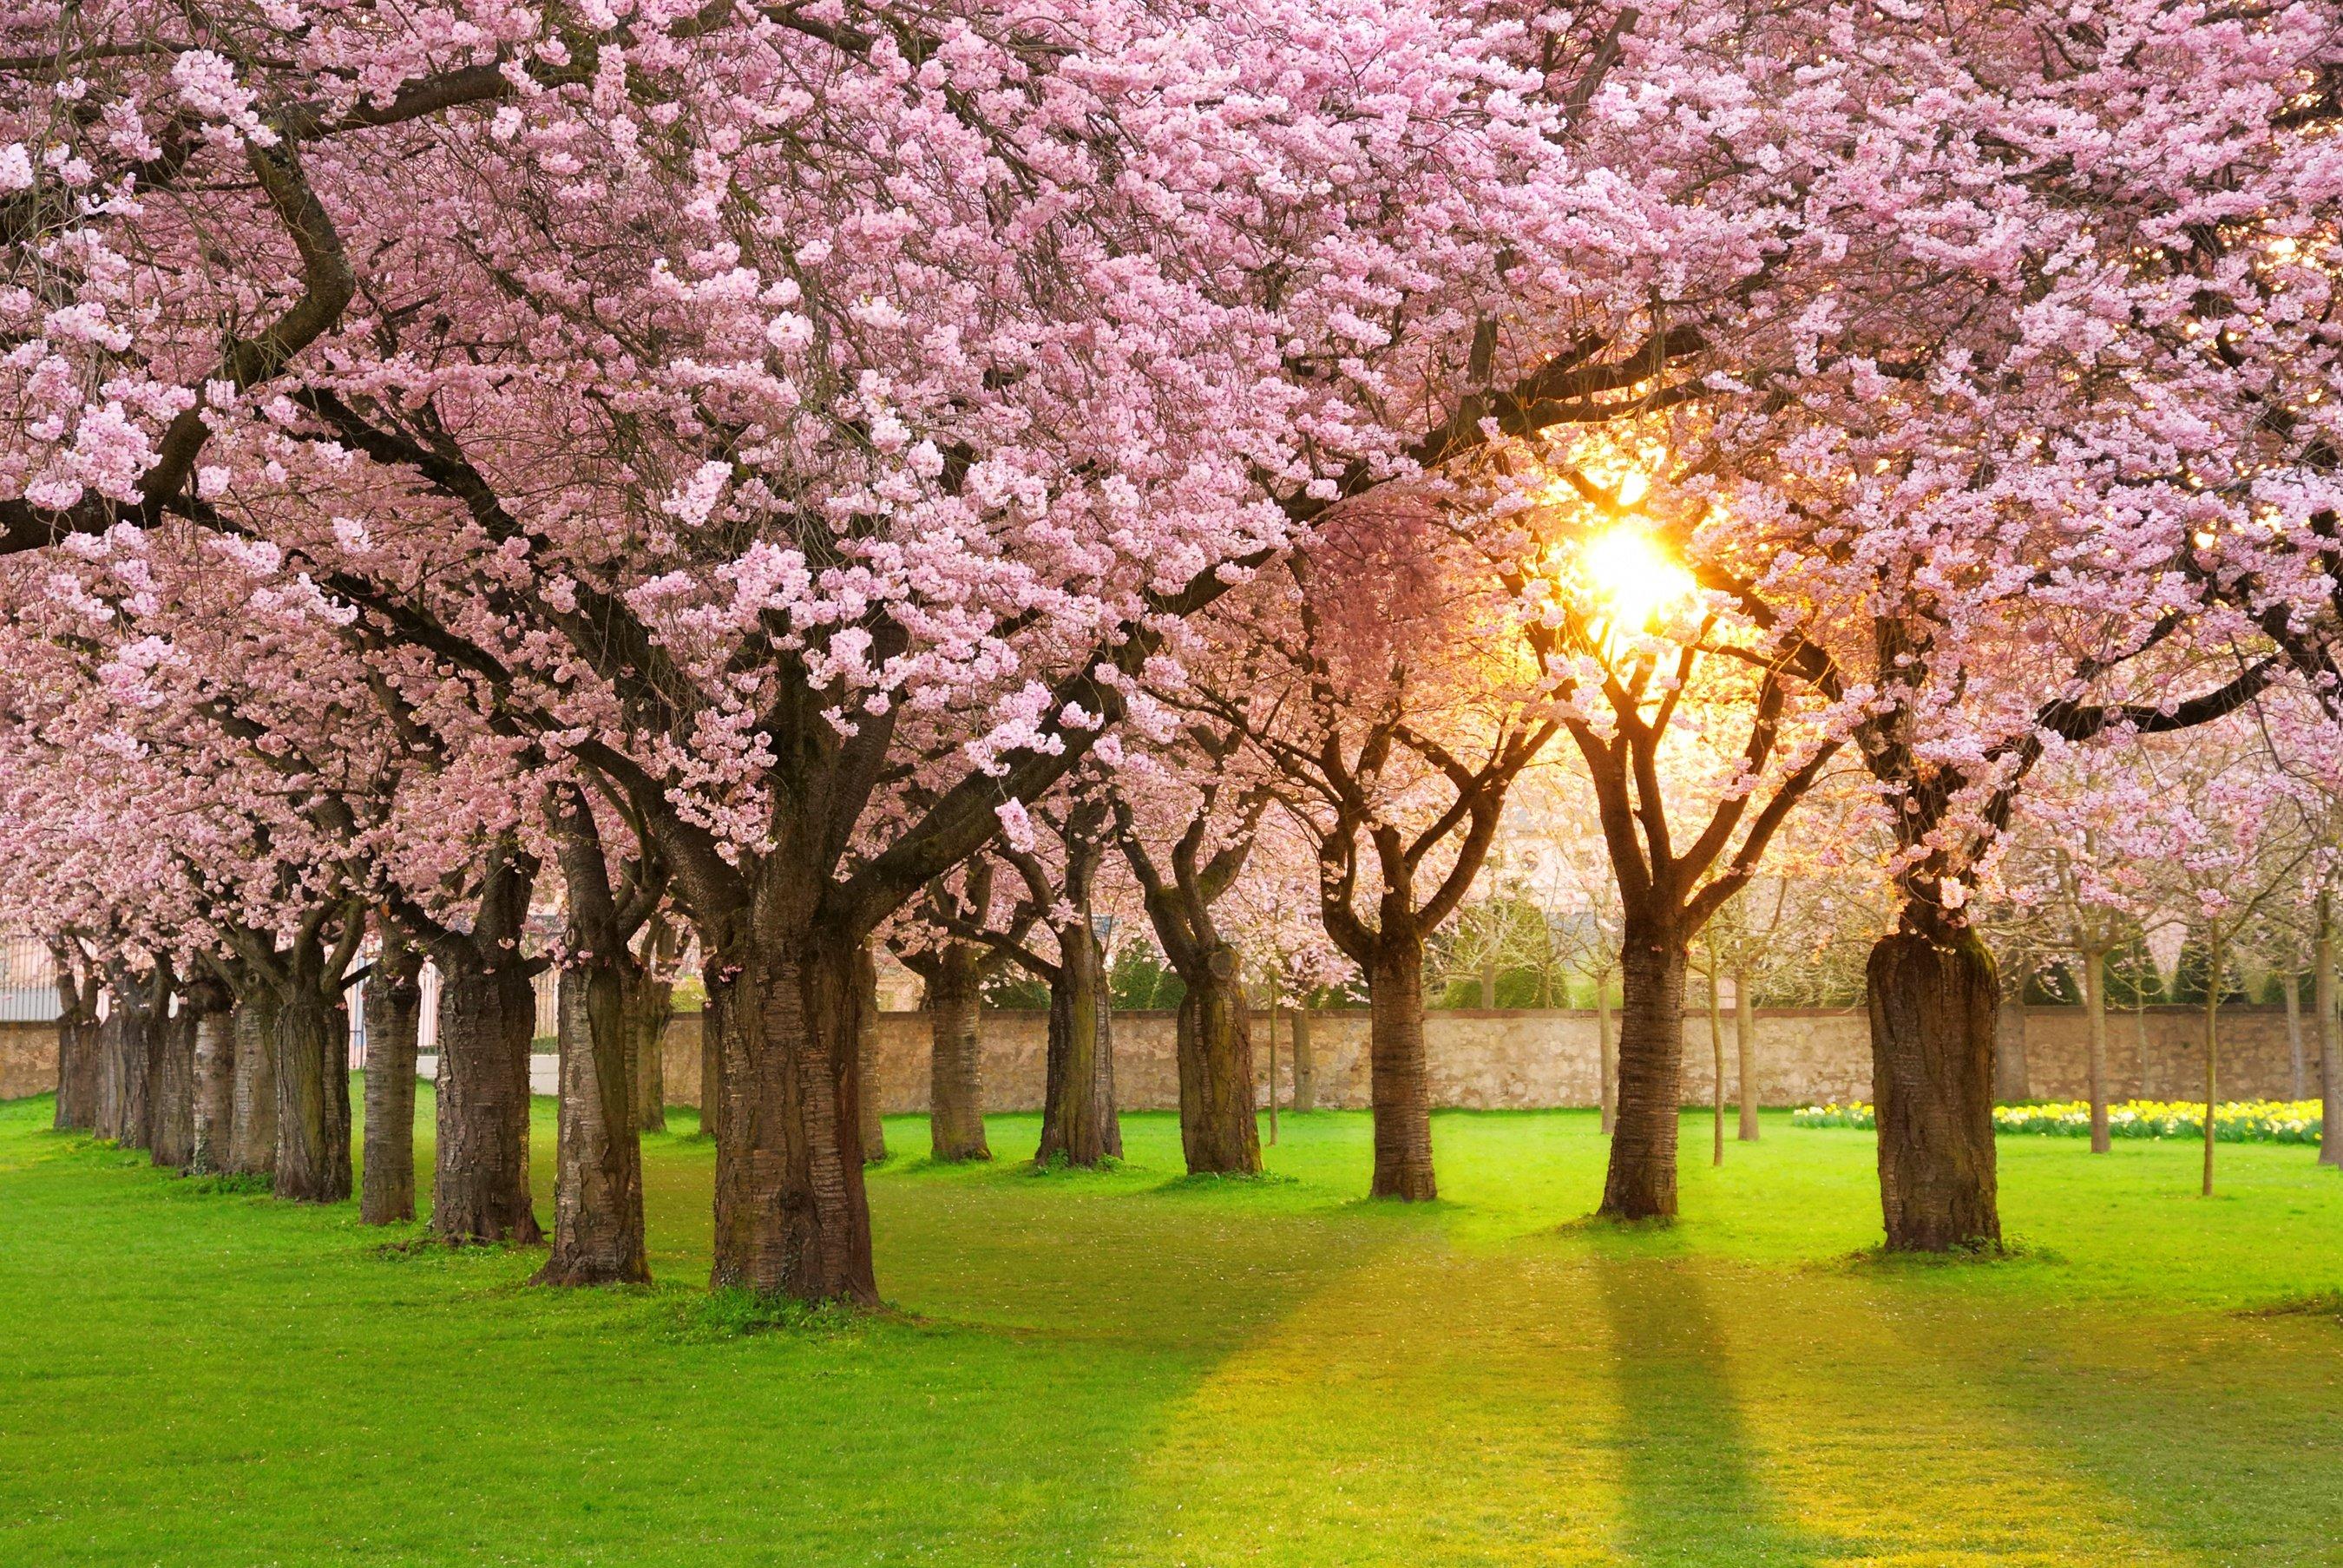 Spring tree trimming in kansas city